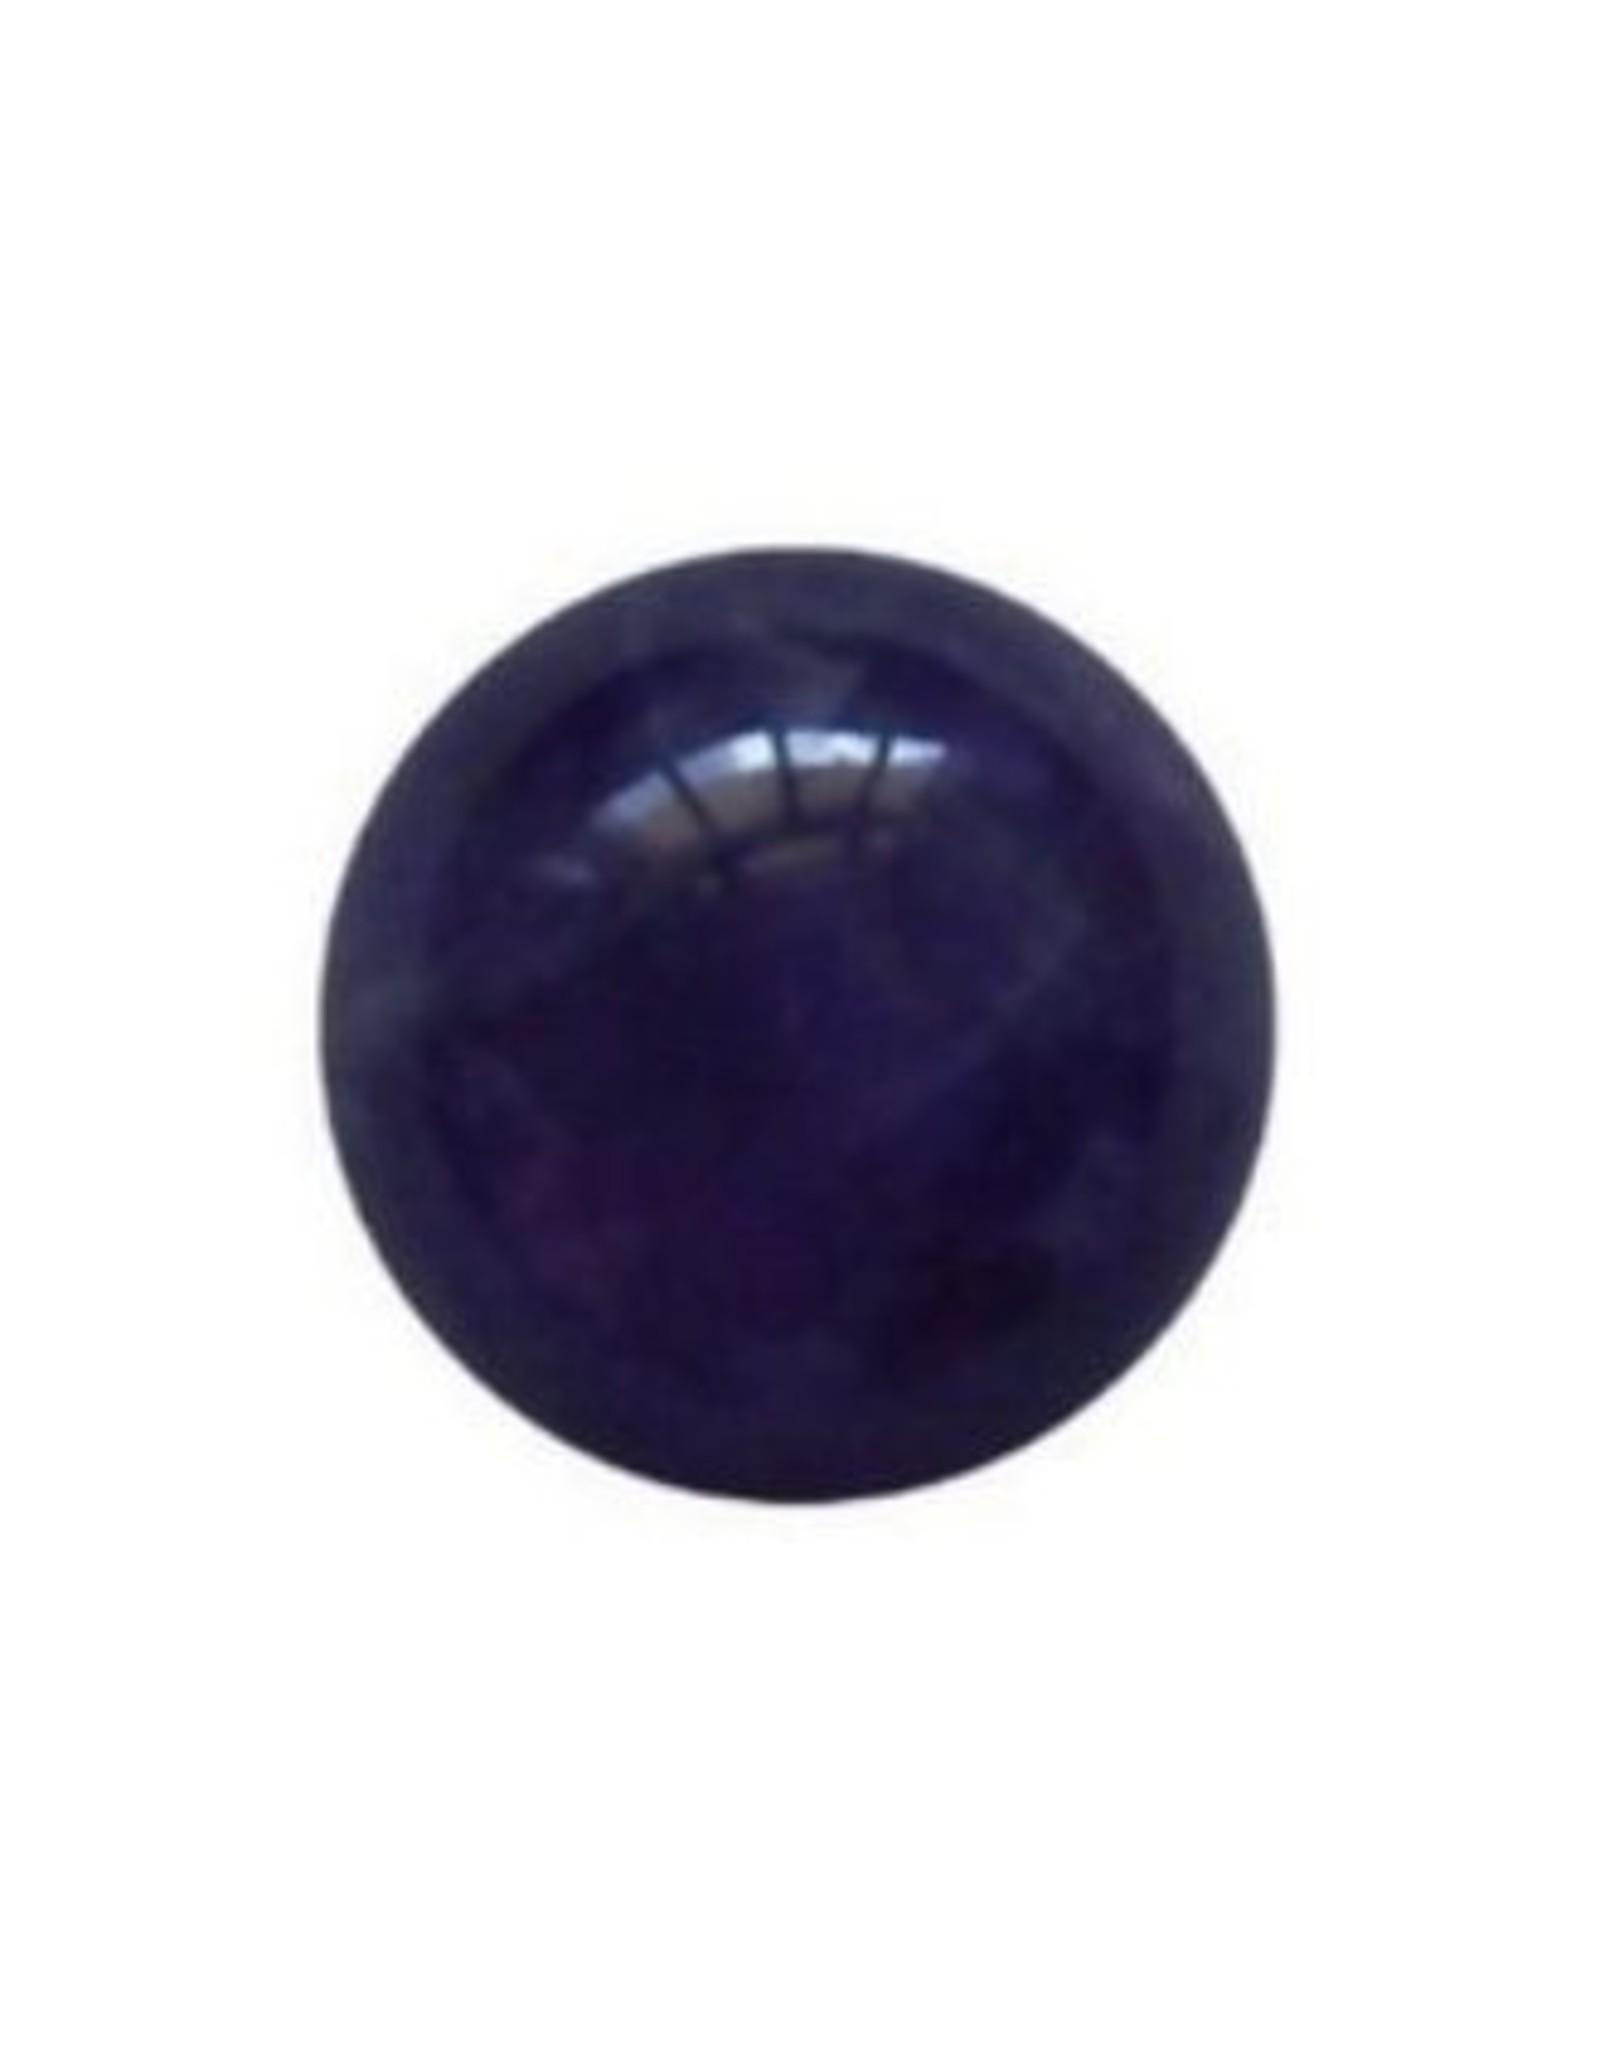 Interchangeable gemstone Amethyst purple 10 mm